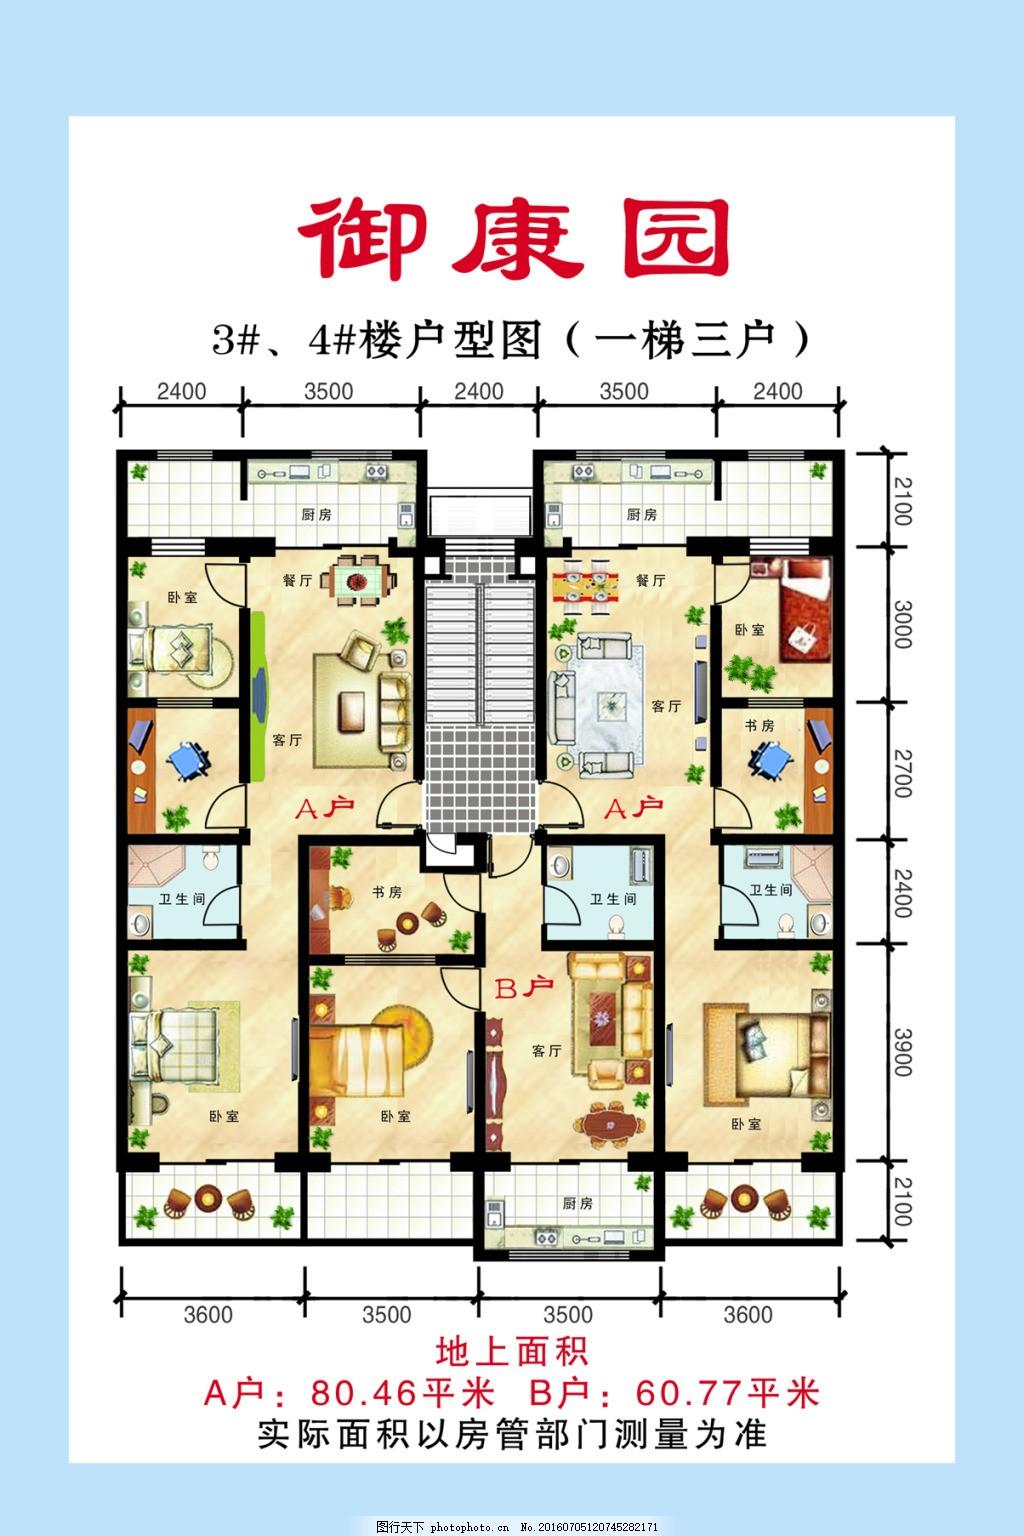 楼房效果图( 一梯三户型) 室内效果图 装修效果图 家居设计图